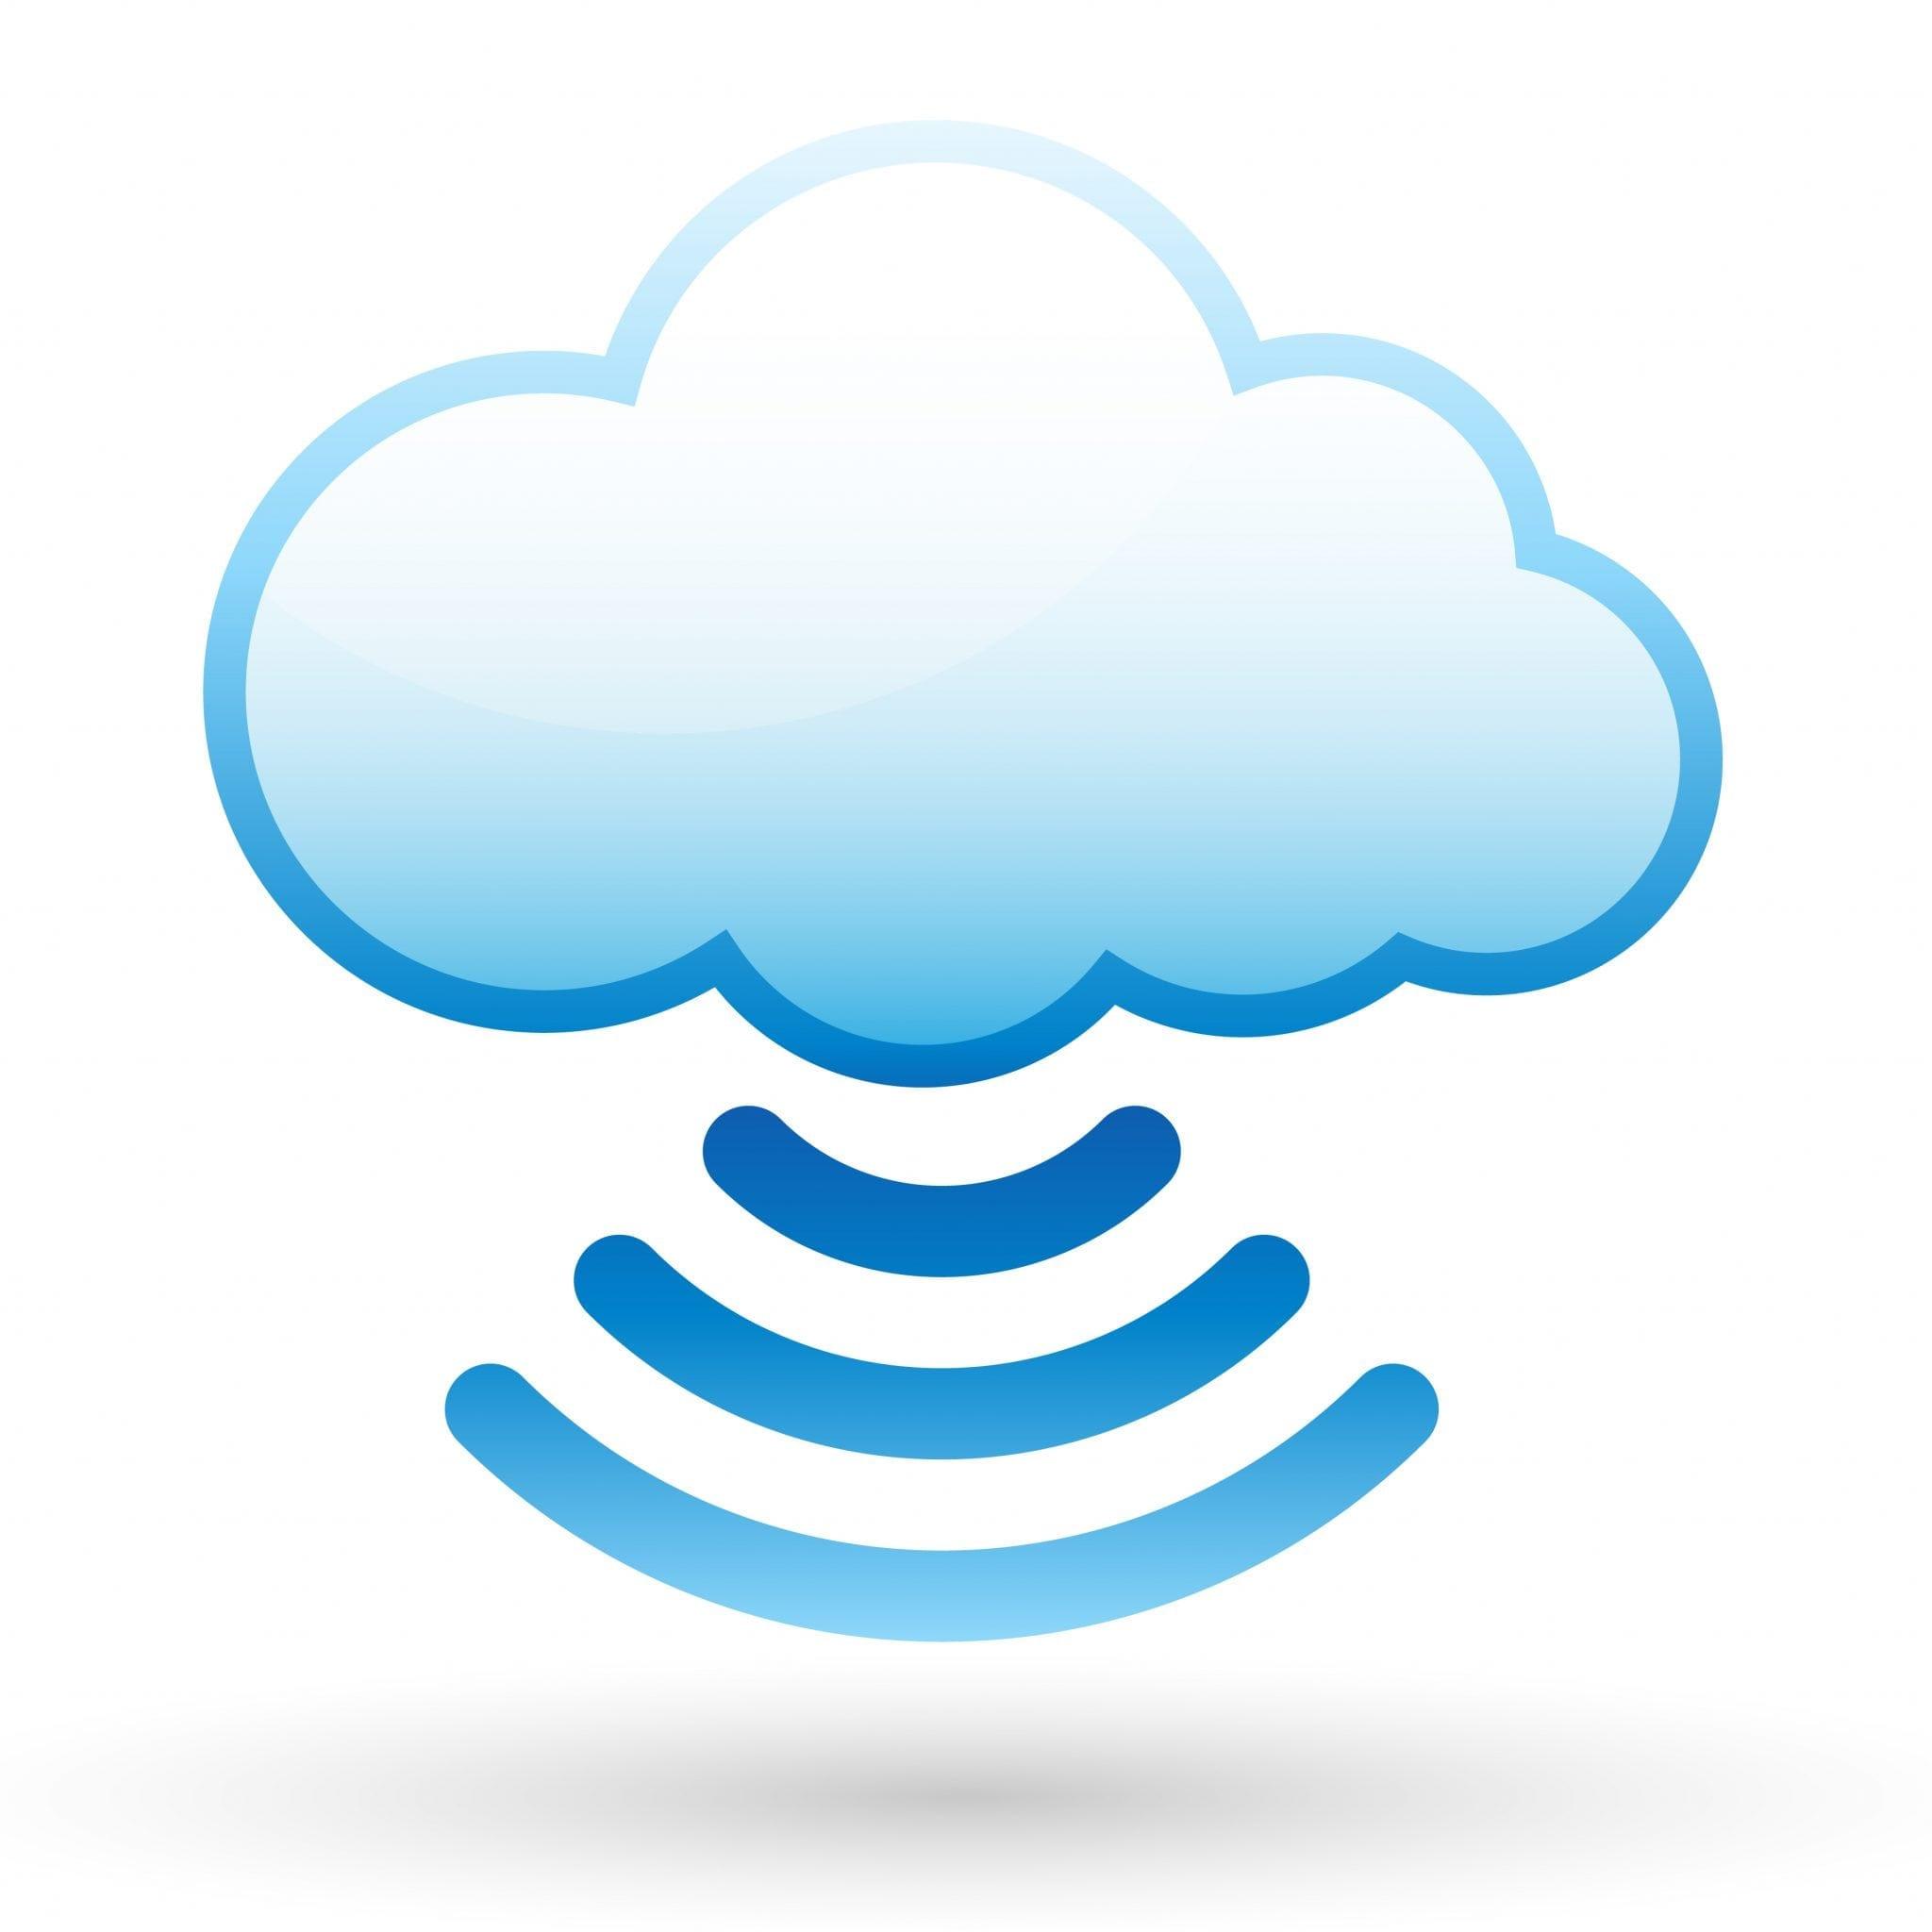 Peste 90% din traficul de date se va muta în cloud până în 2020